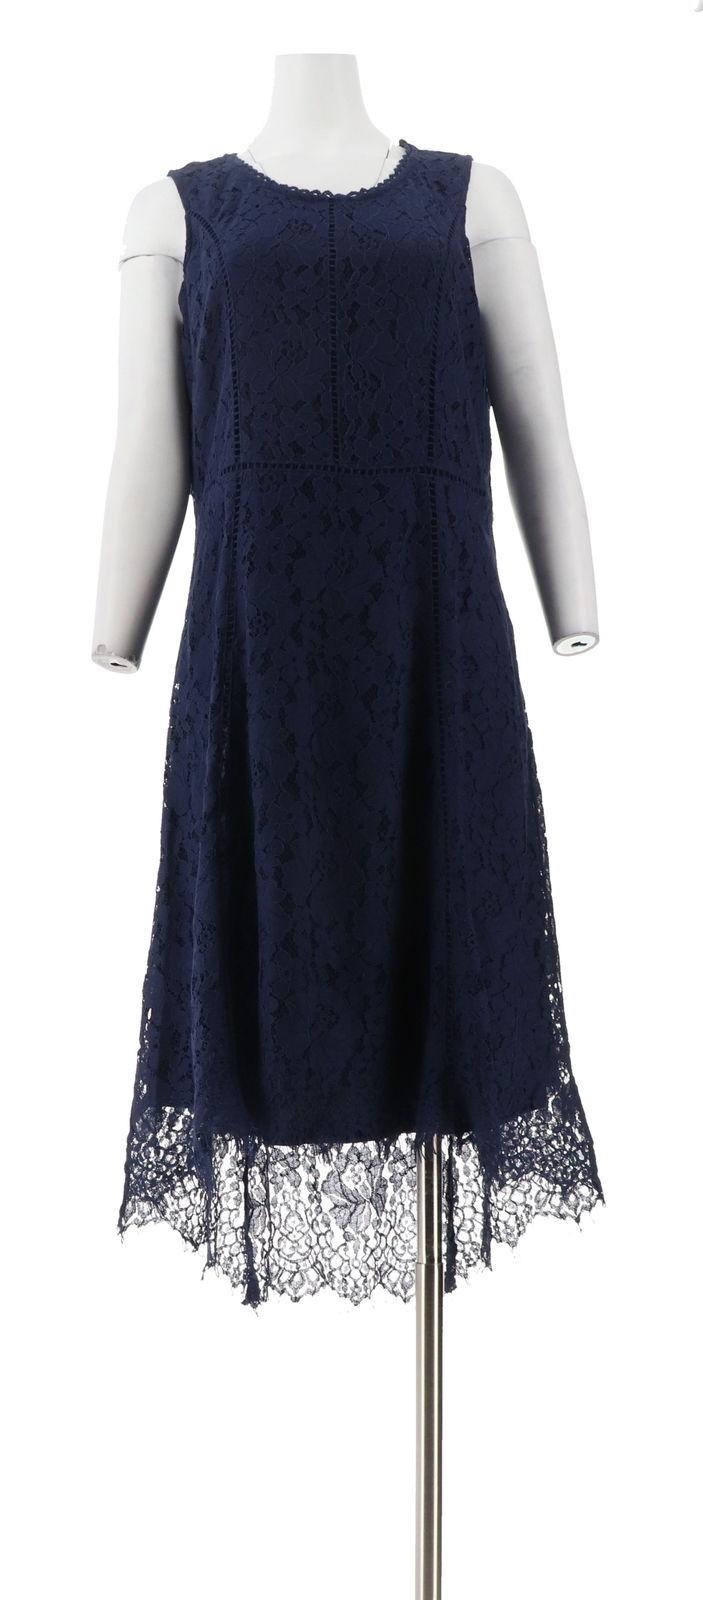 Isaac Mizrahi Petite Hi-Low Lace Maxi Dress Dark Navy PM NEW A303179